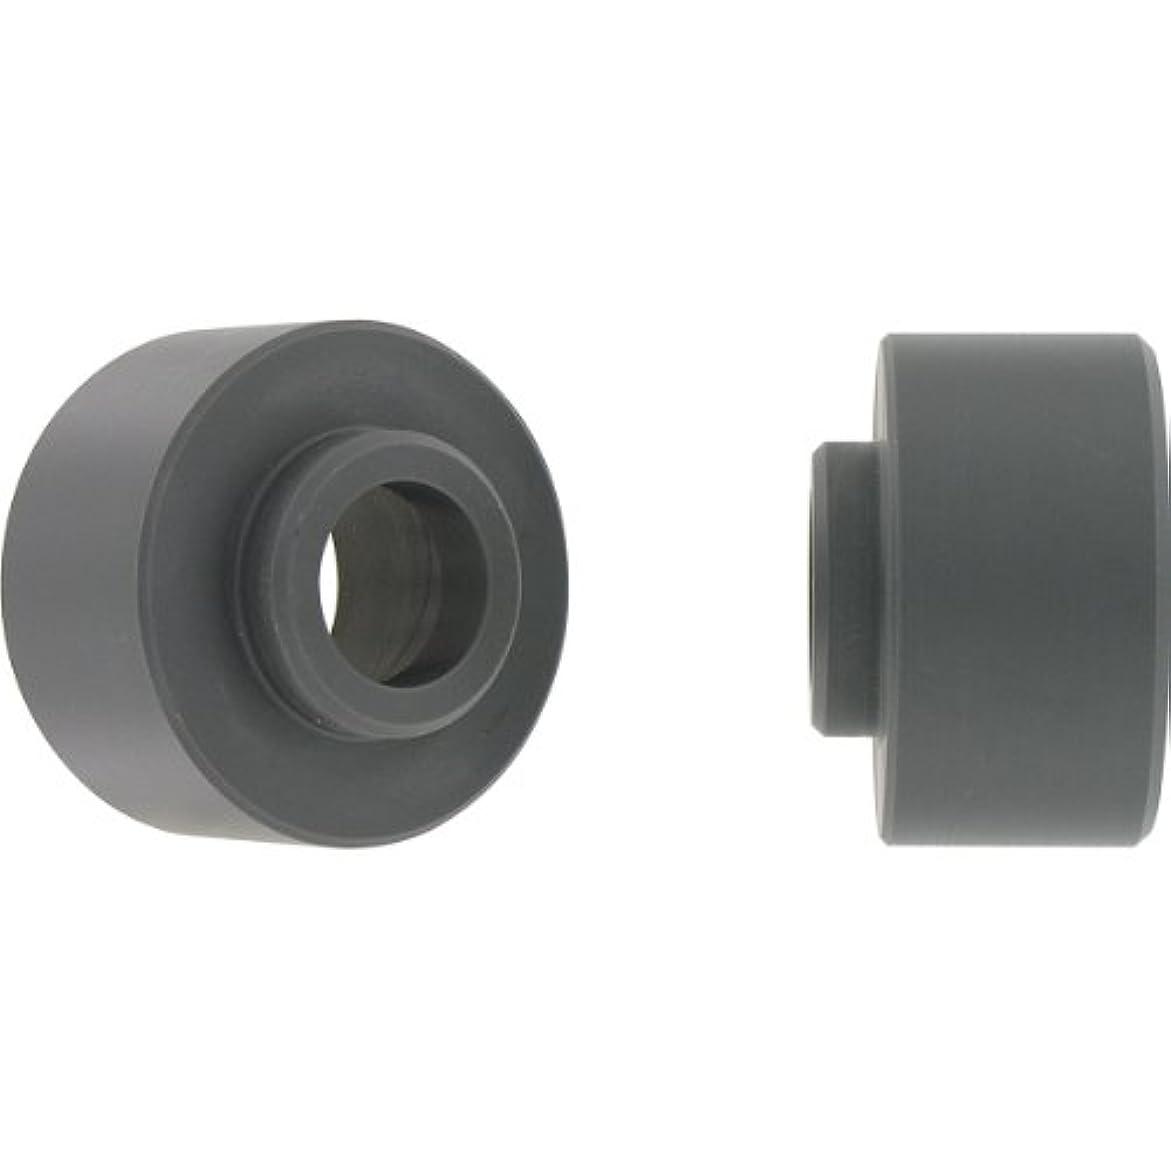 適切に不一致テスピアンVAR Bicycle Tools Headset Press Fit 30 Adapters by VAR Bicycle Tools